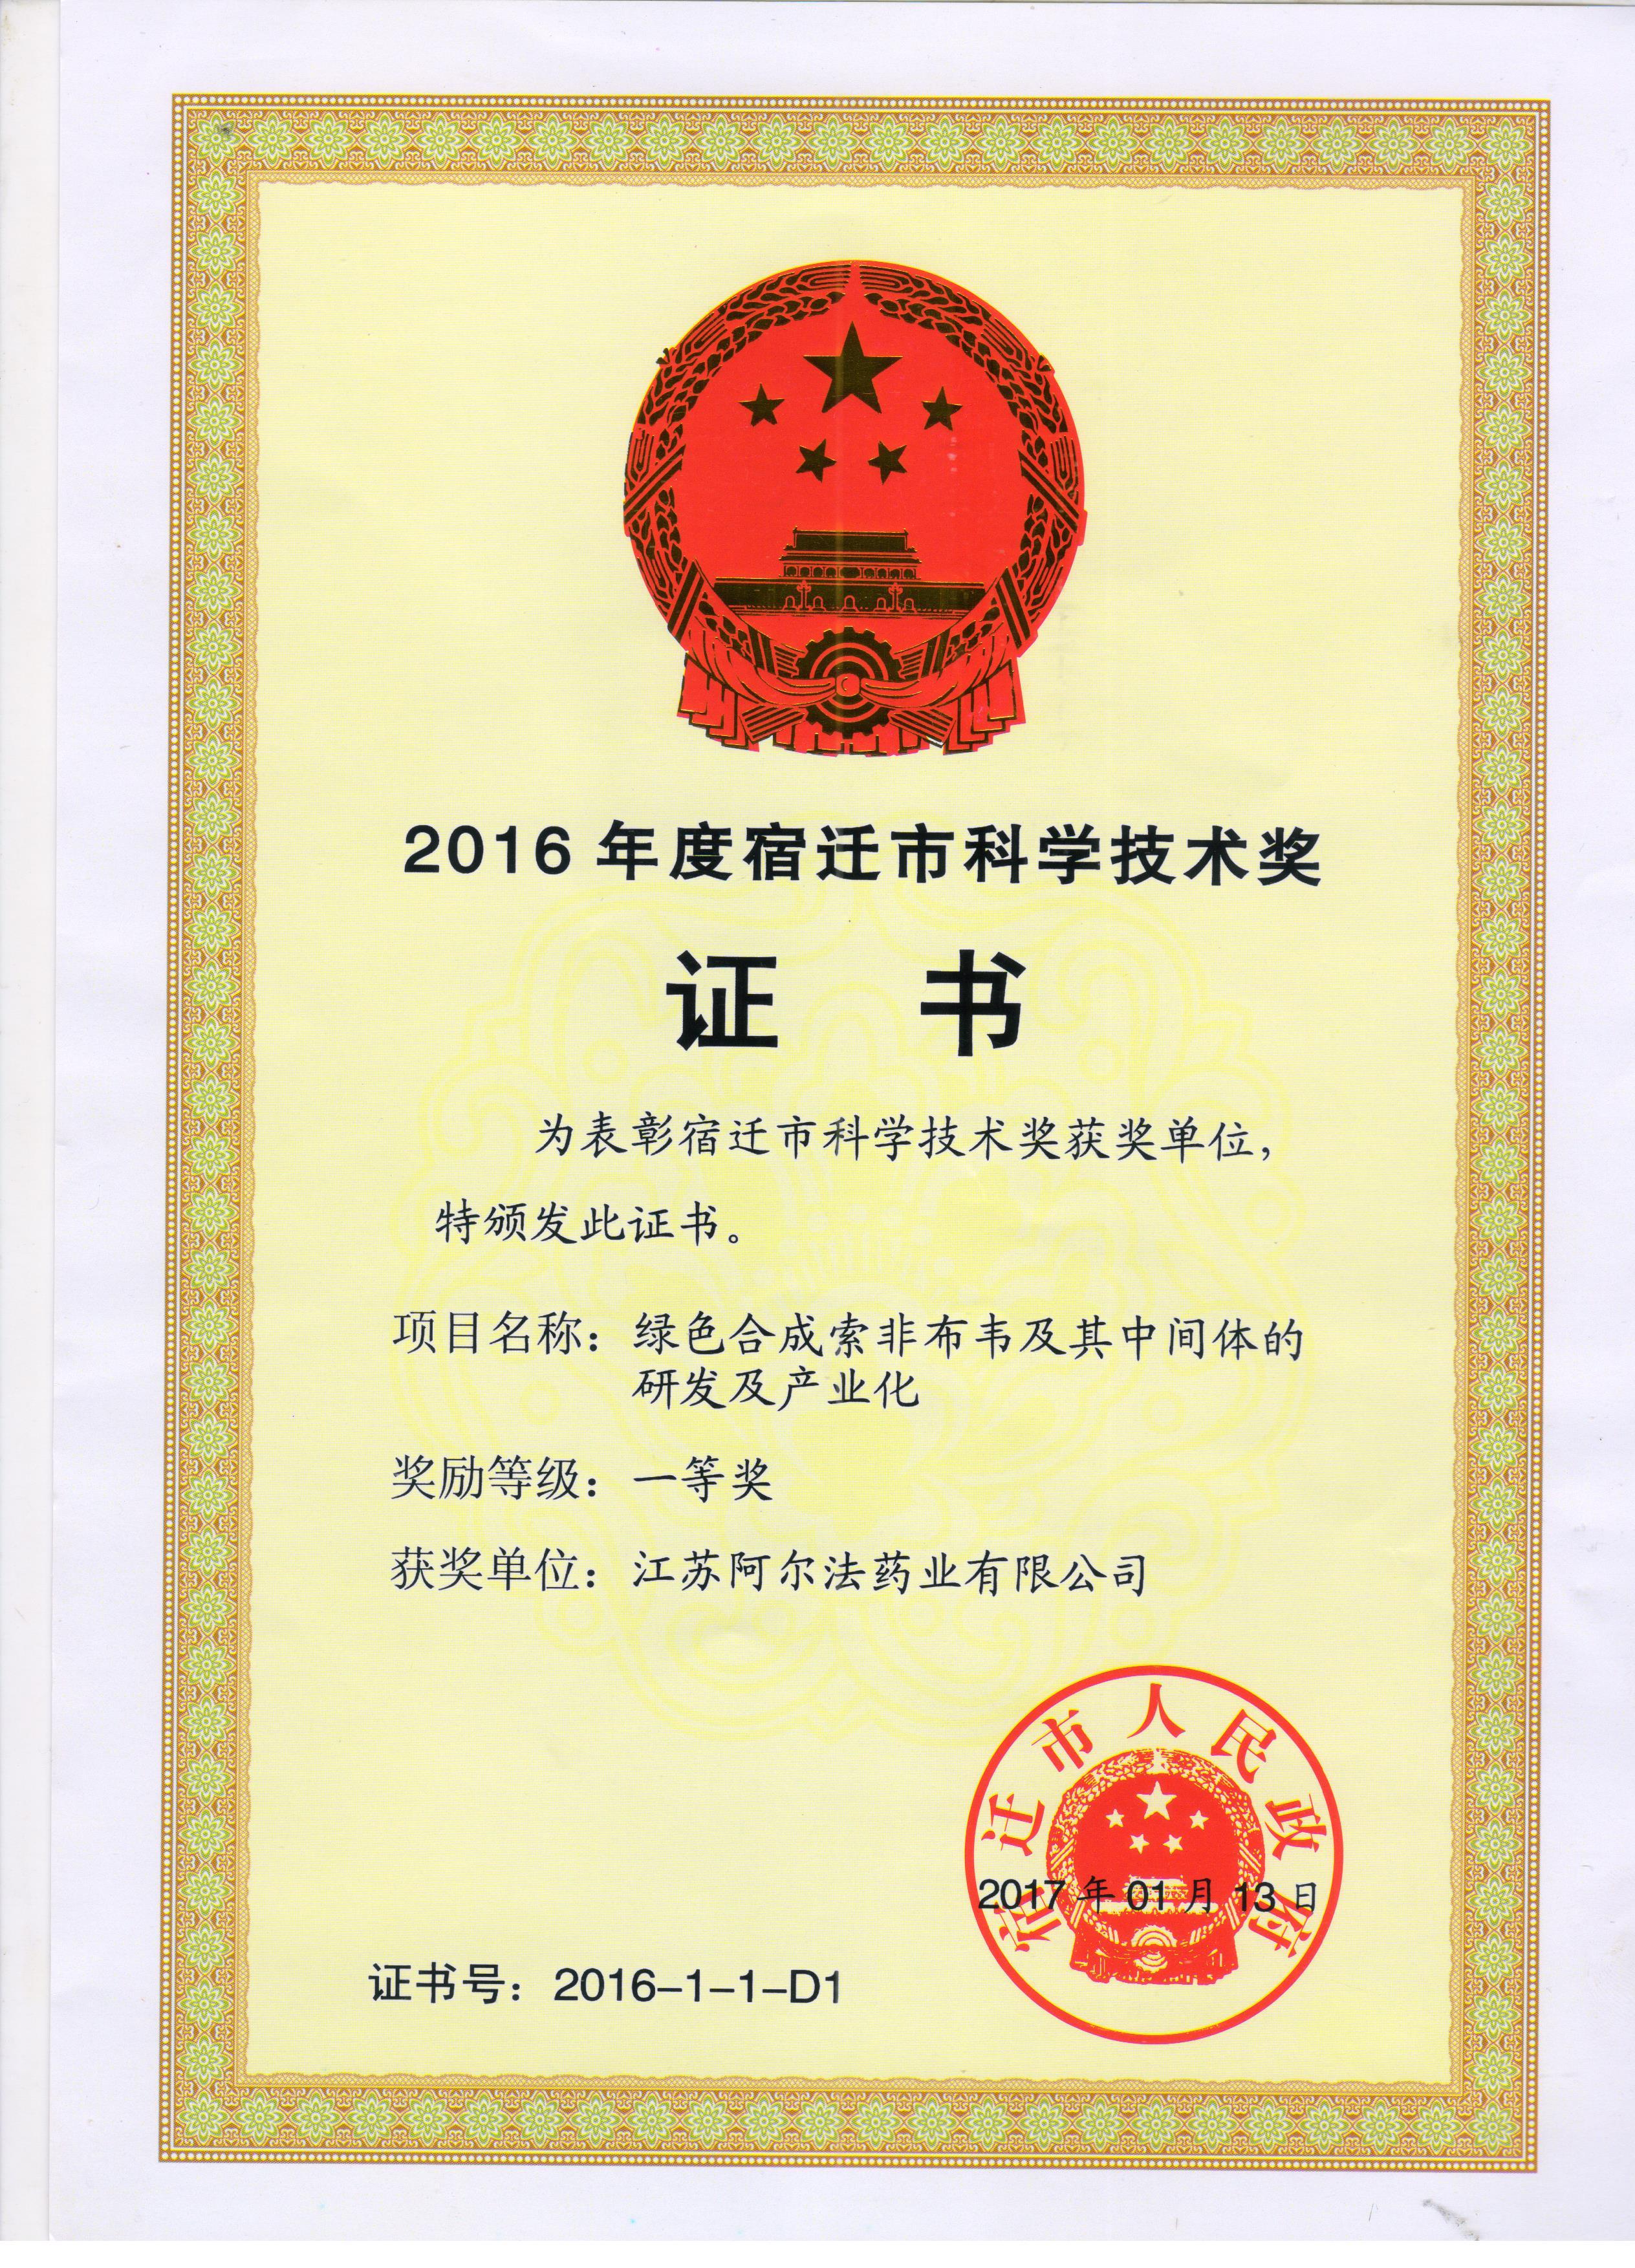 重要奖项-4.2.市科学技术一等奖